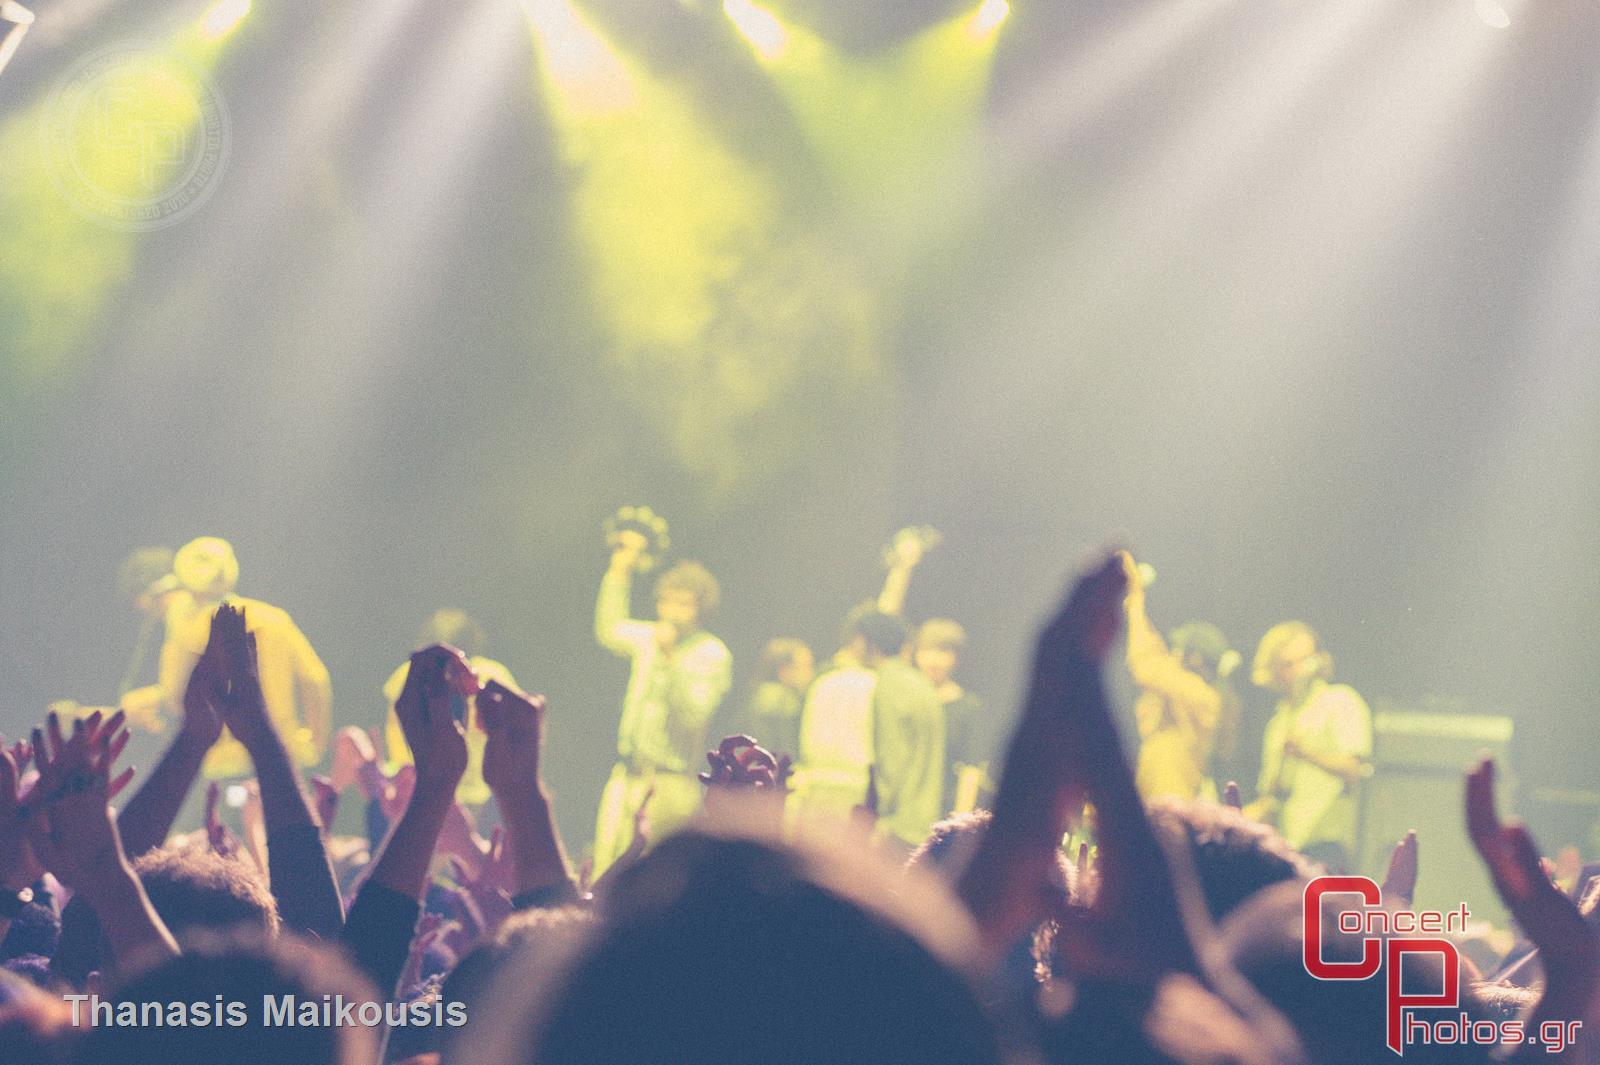 Allah Las & My Drunken Haze -Allah Las My Drunken Haze  photographer: Thanasis Maikousis - ConcertPhotos - 20141102_0137_10